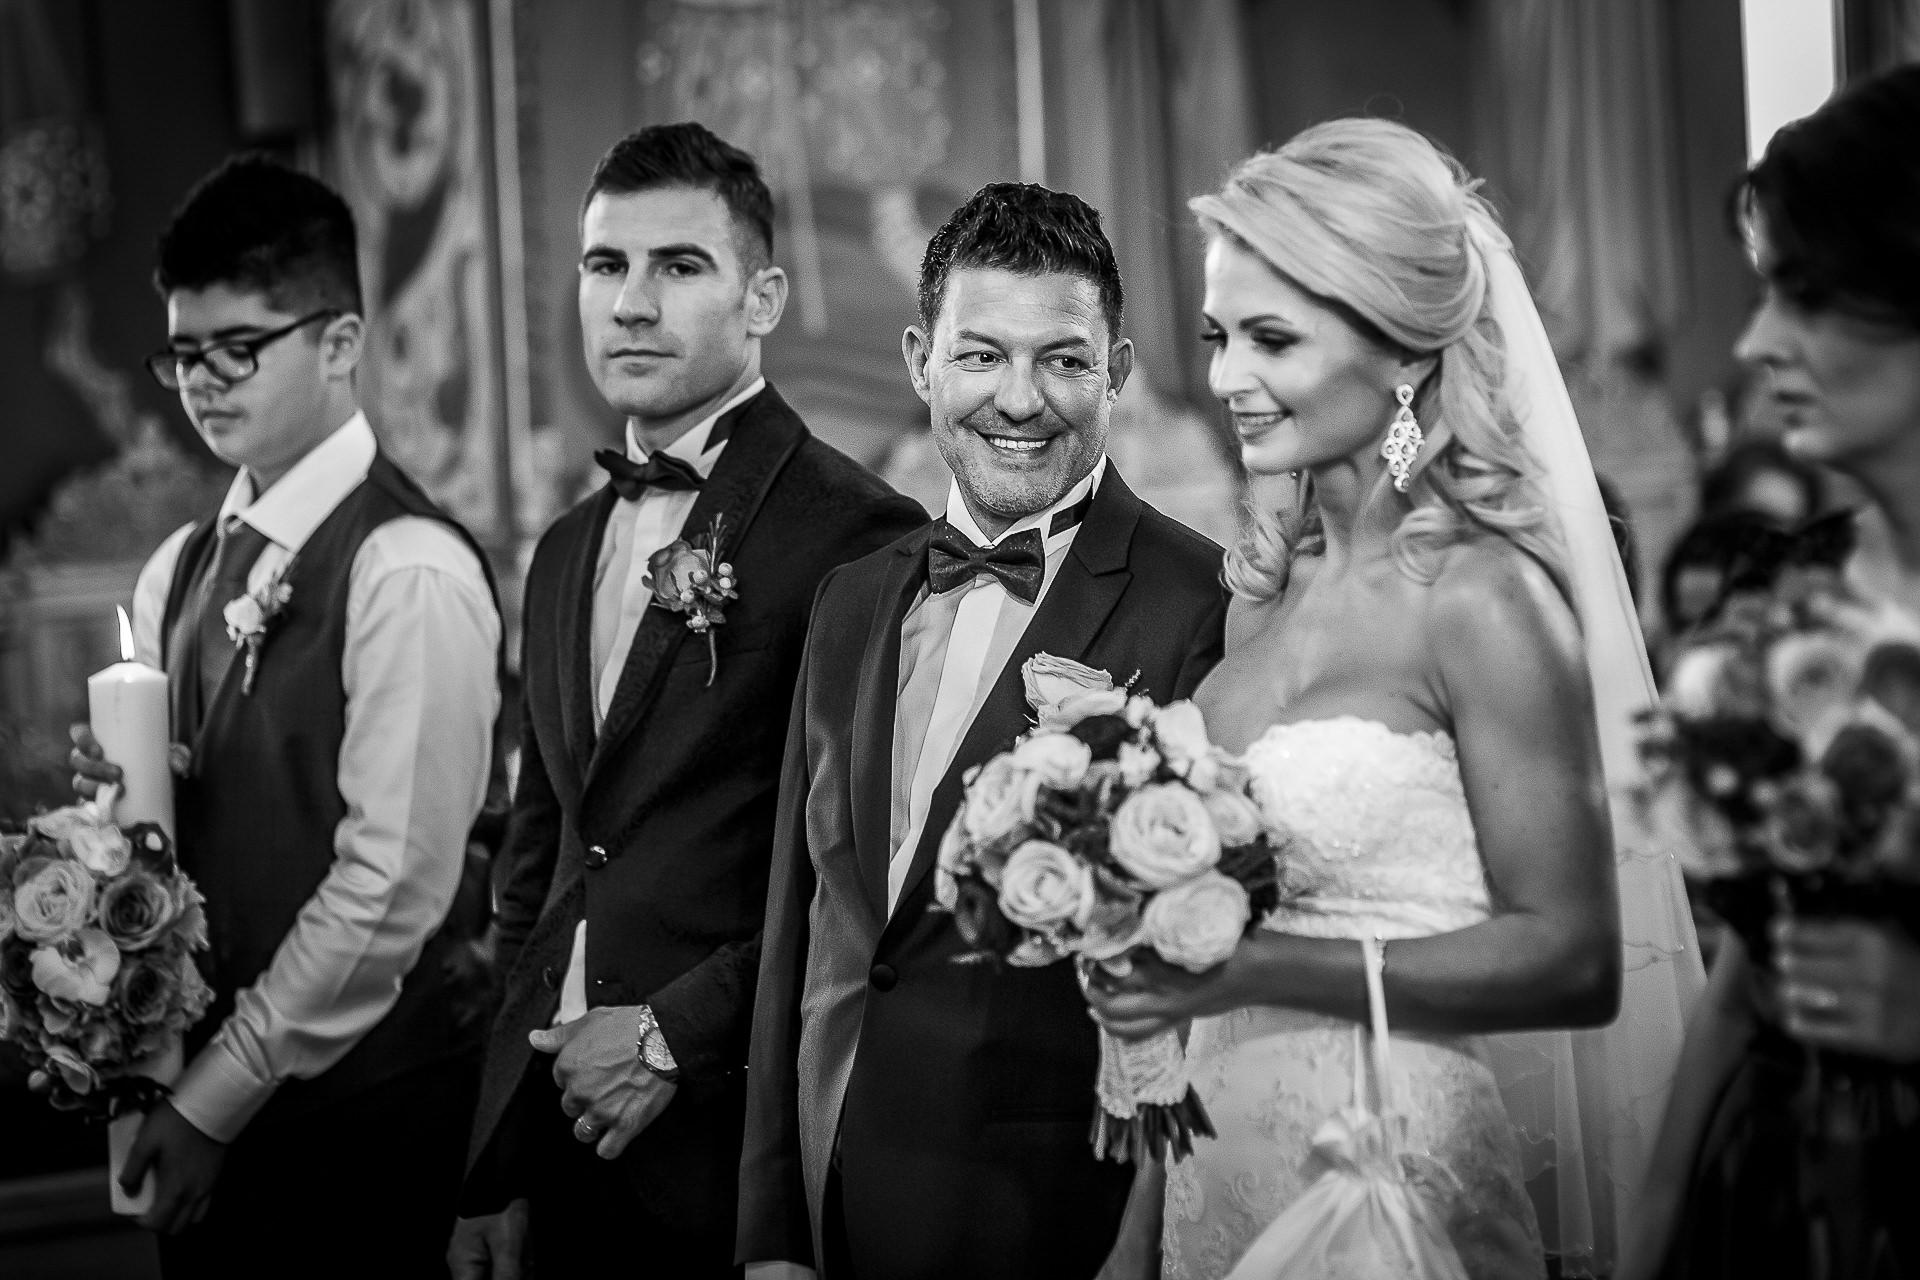 Fotograf nuntă Bucureşti - Biserica Militara Sfântul Mina + Metropolitan Club and Events - Marinela şi Pasquale - Mihai Zaharia Photography - 26